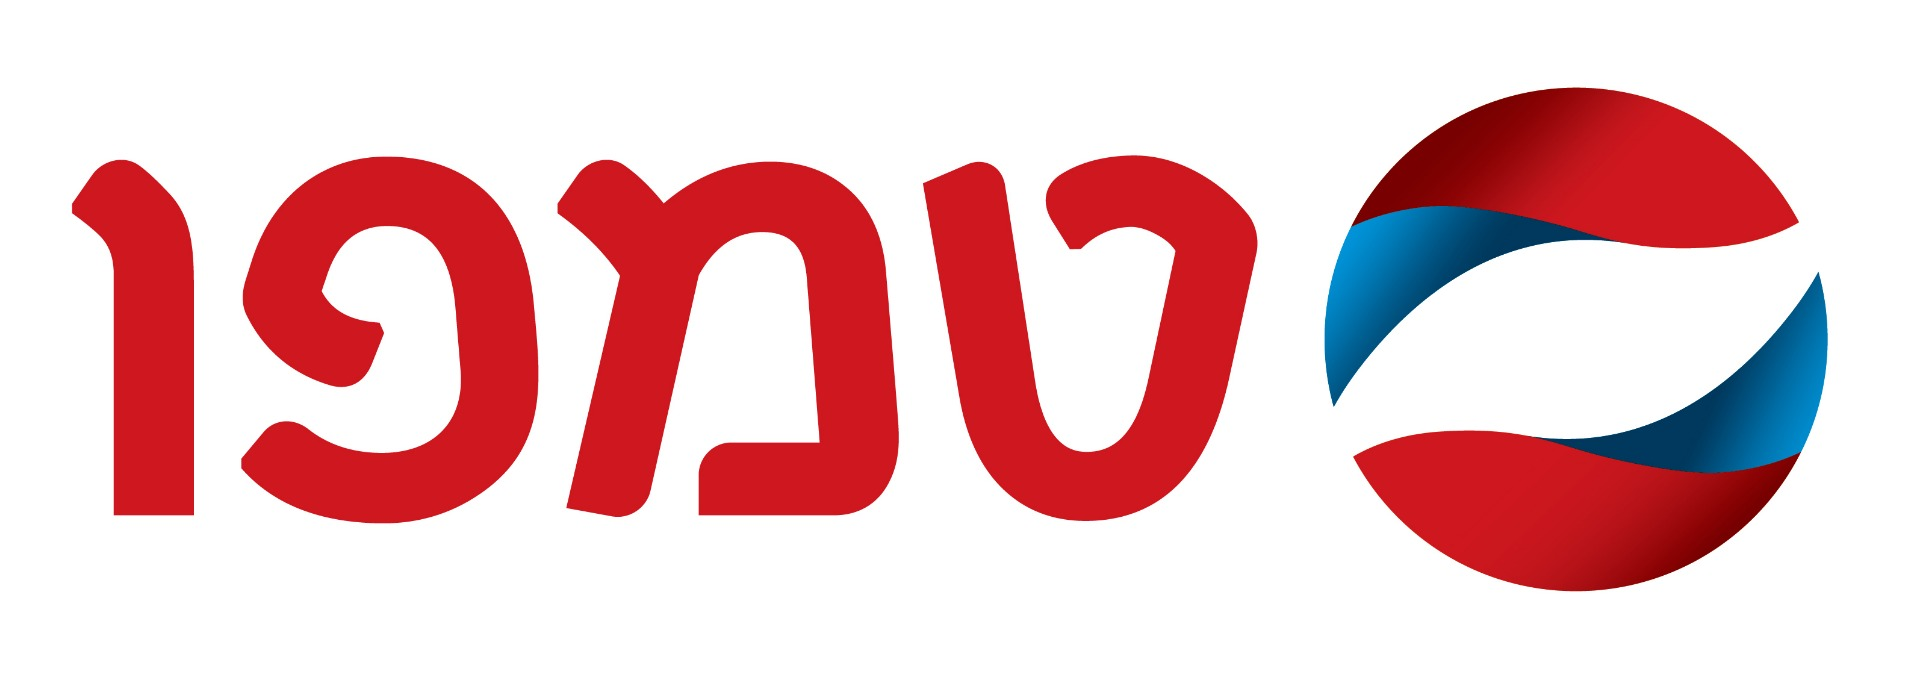 Partnership Company LogoTempo